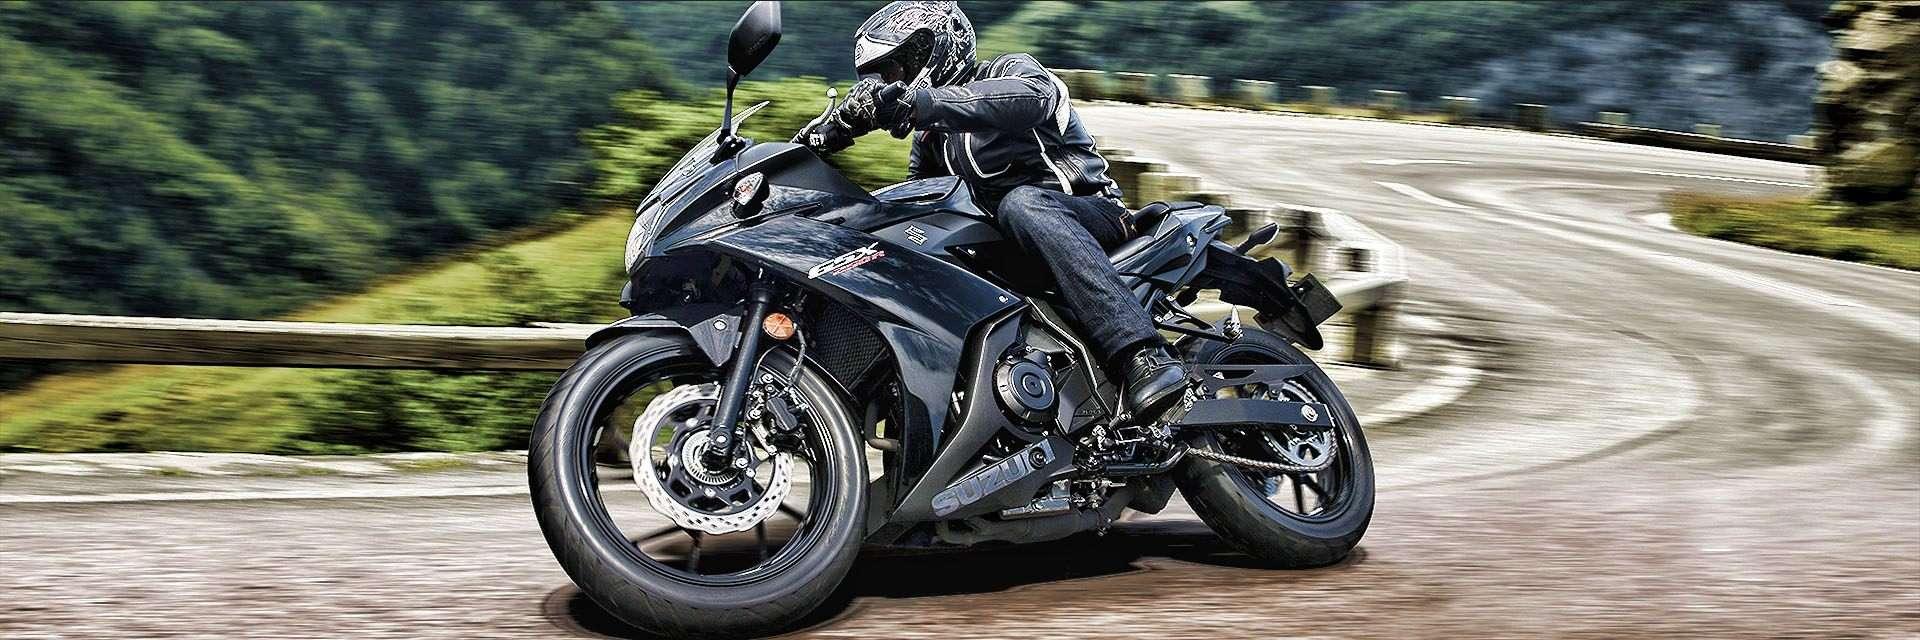 Suzuki City, Biloxi MS | Kawasaki, Kymco, Suzuki Motorsports